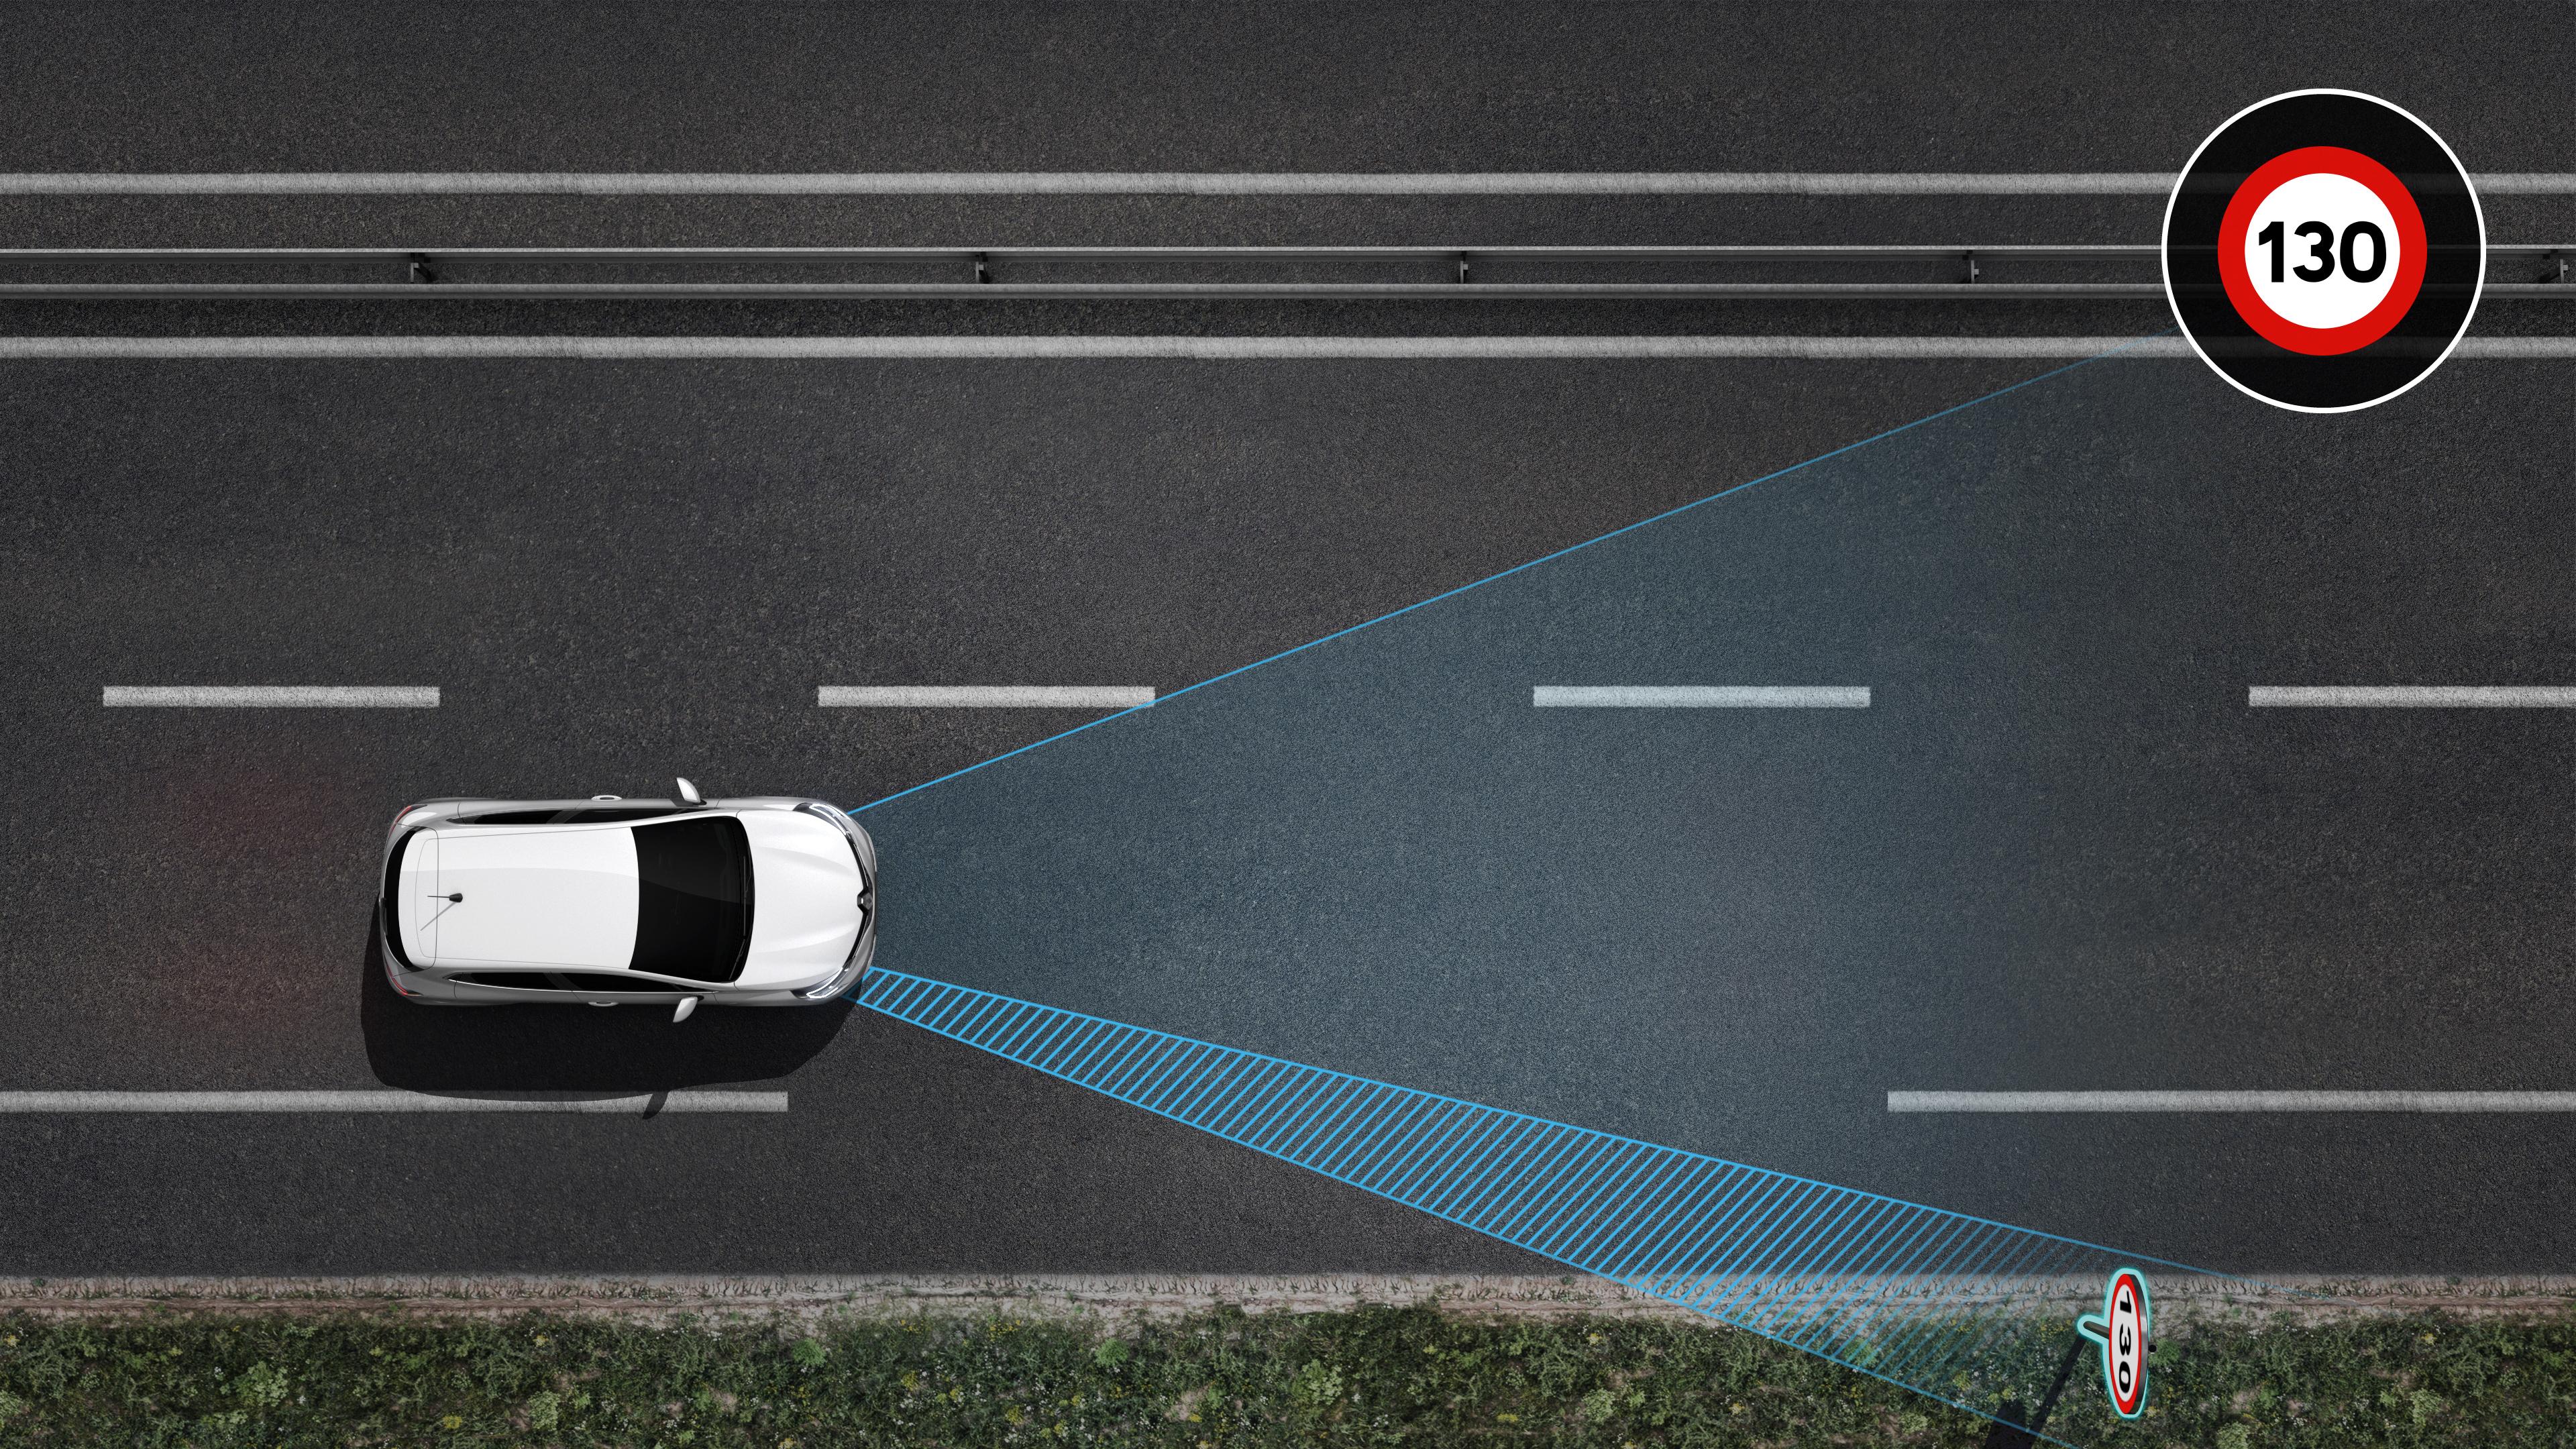 ostrzeżenie o przekroczeniu prędkości dozwolonej